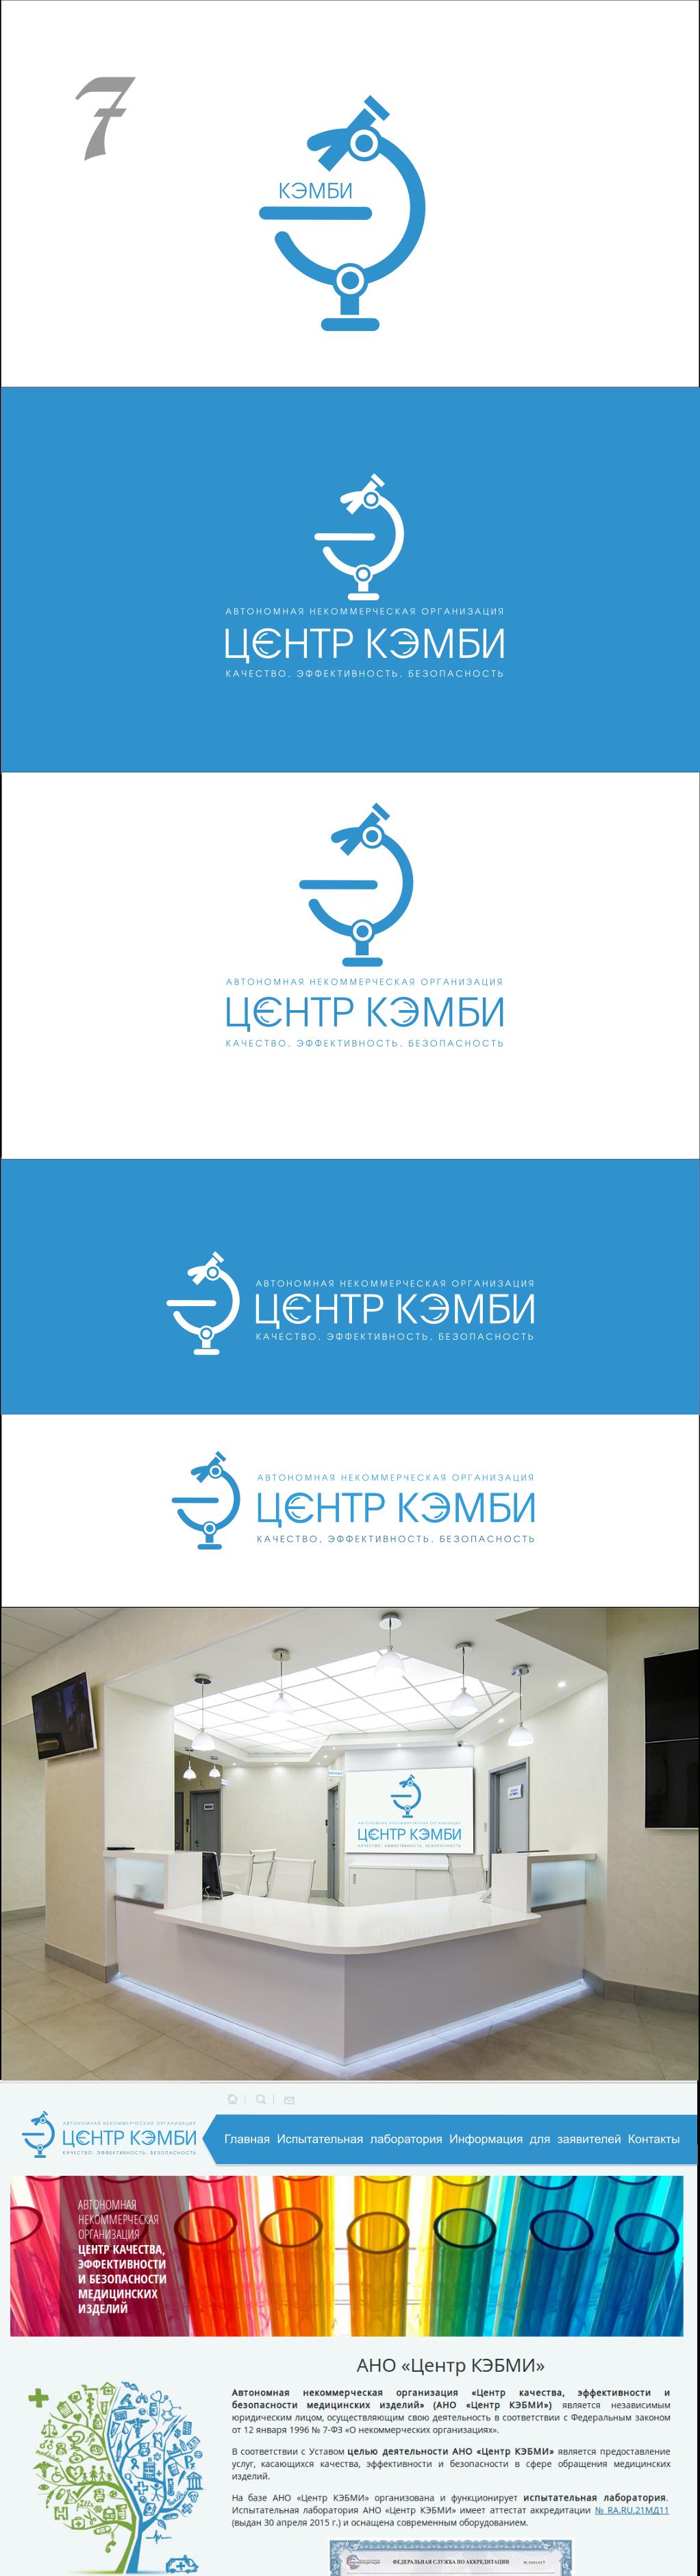 Редизайн логотипа АНО Центр КЭБМИ - BREVIS фото f_1275b1fa920a307d.png